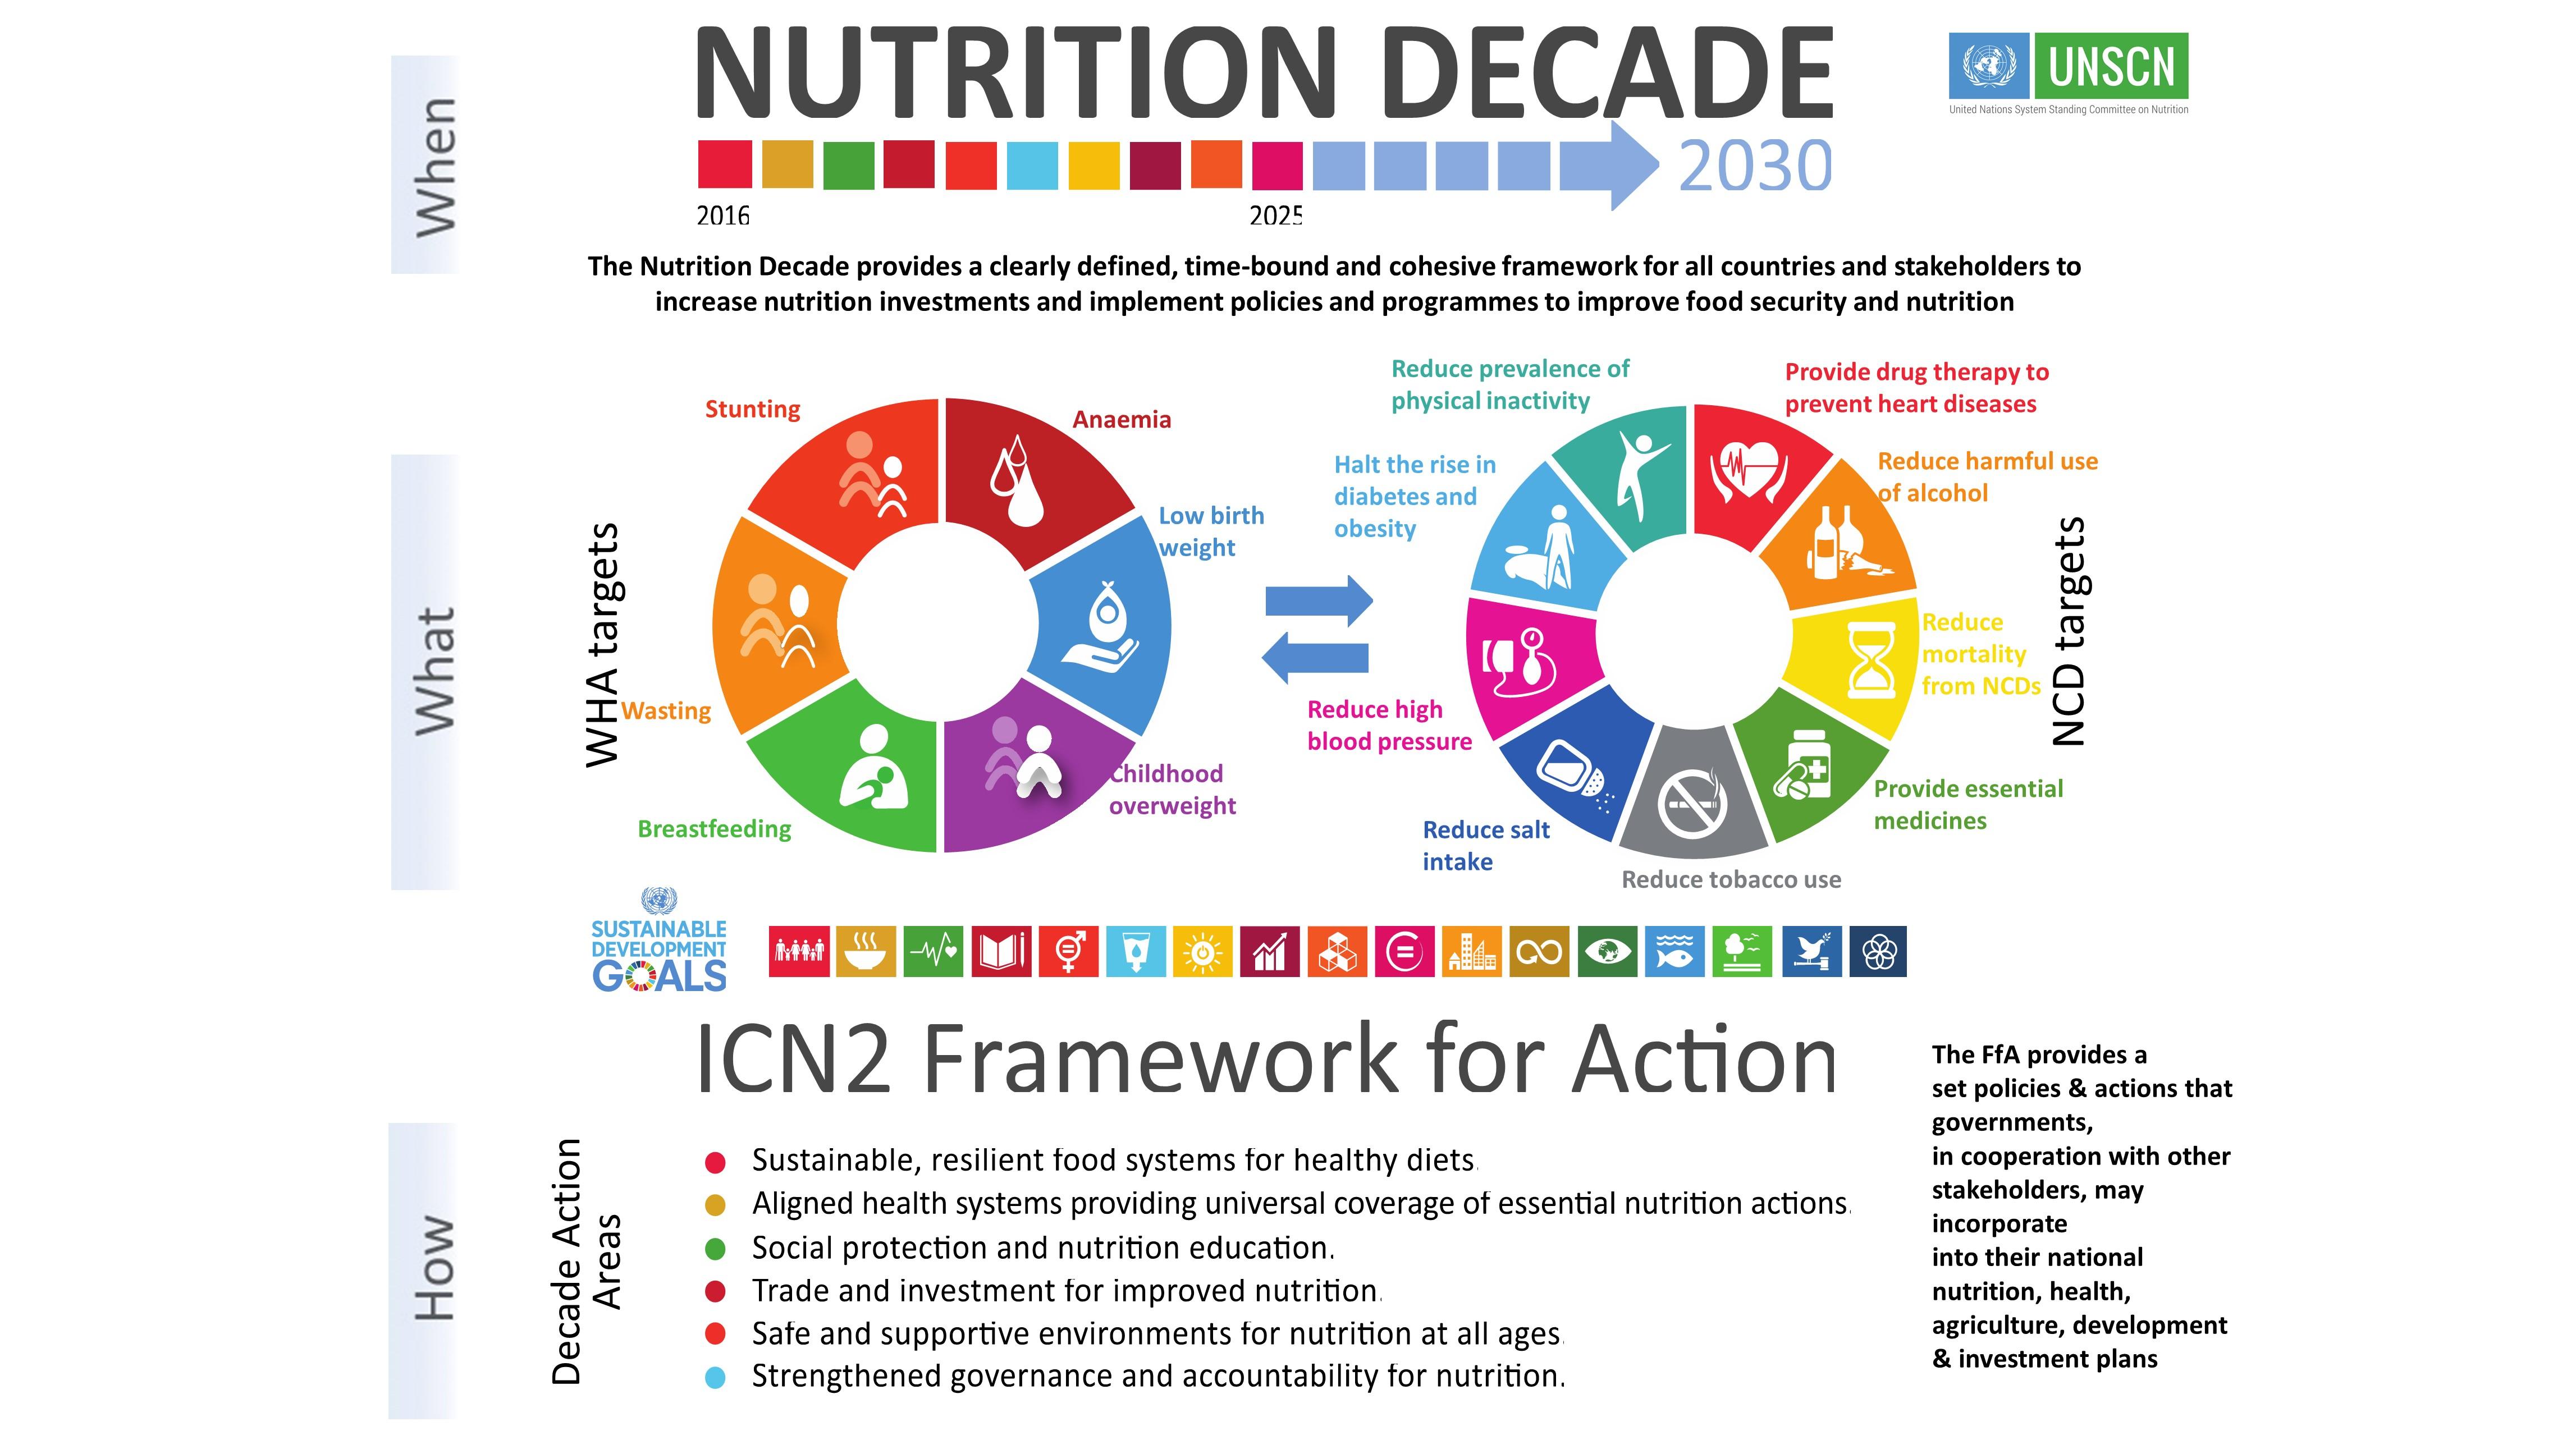 Nutrition Decade